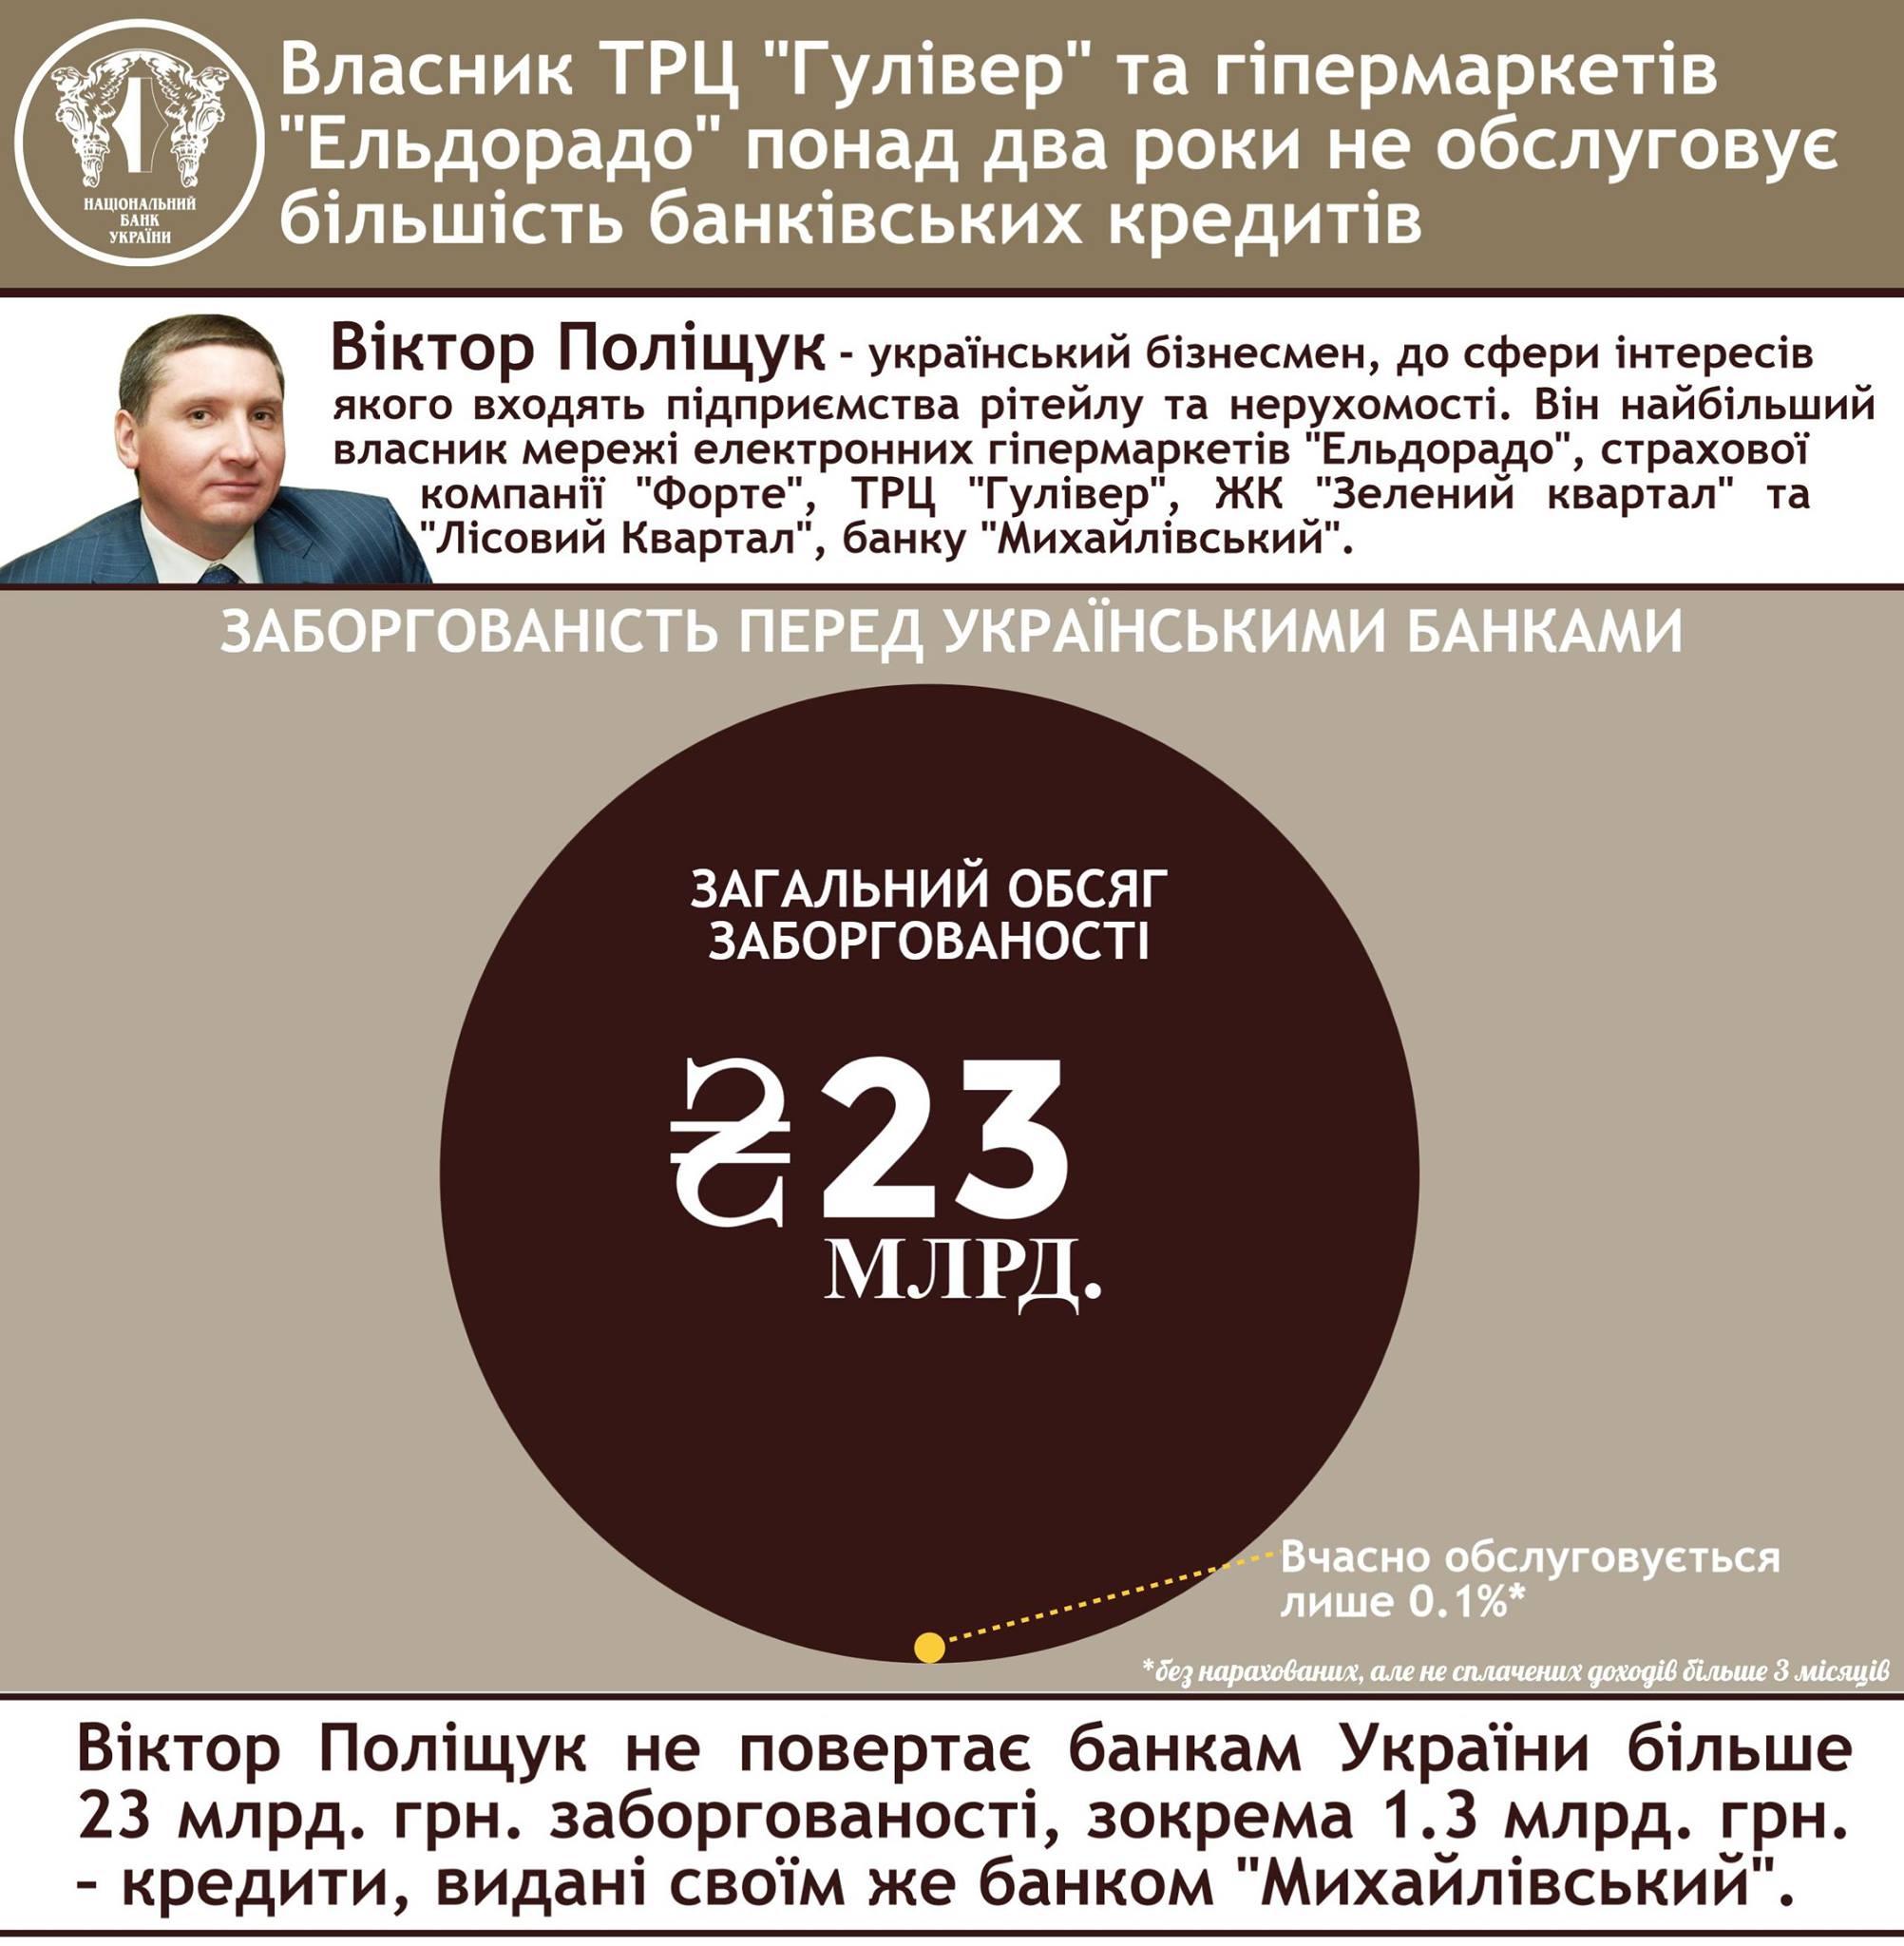 Віктор Поліщук, банк Михайлівський